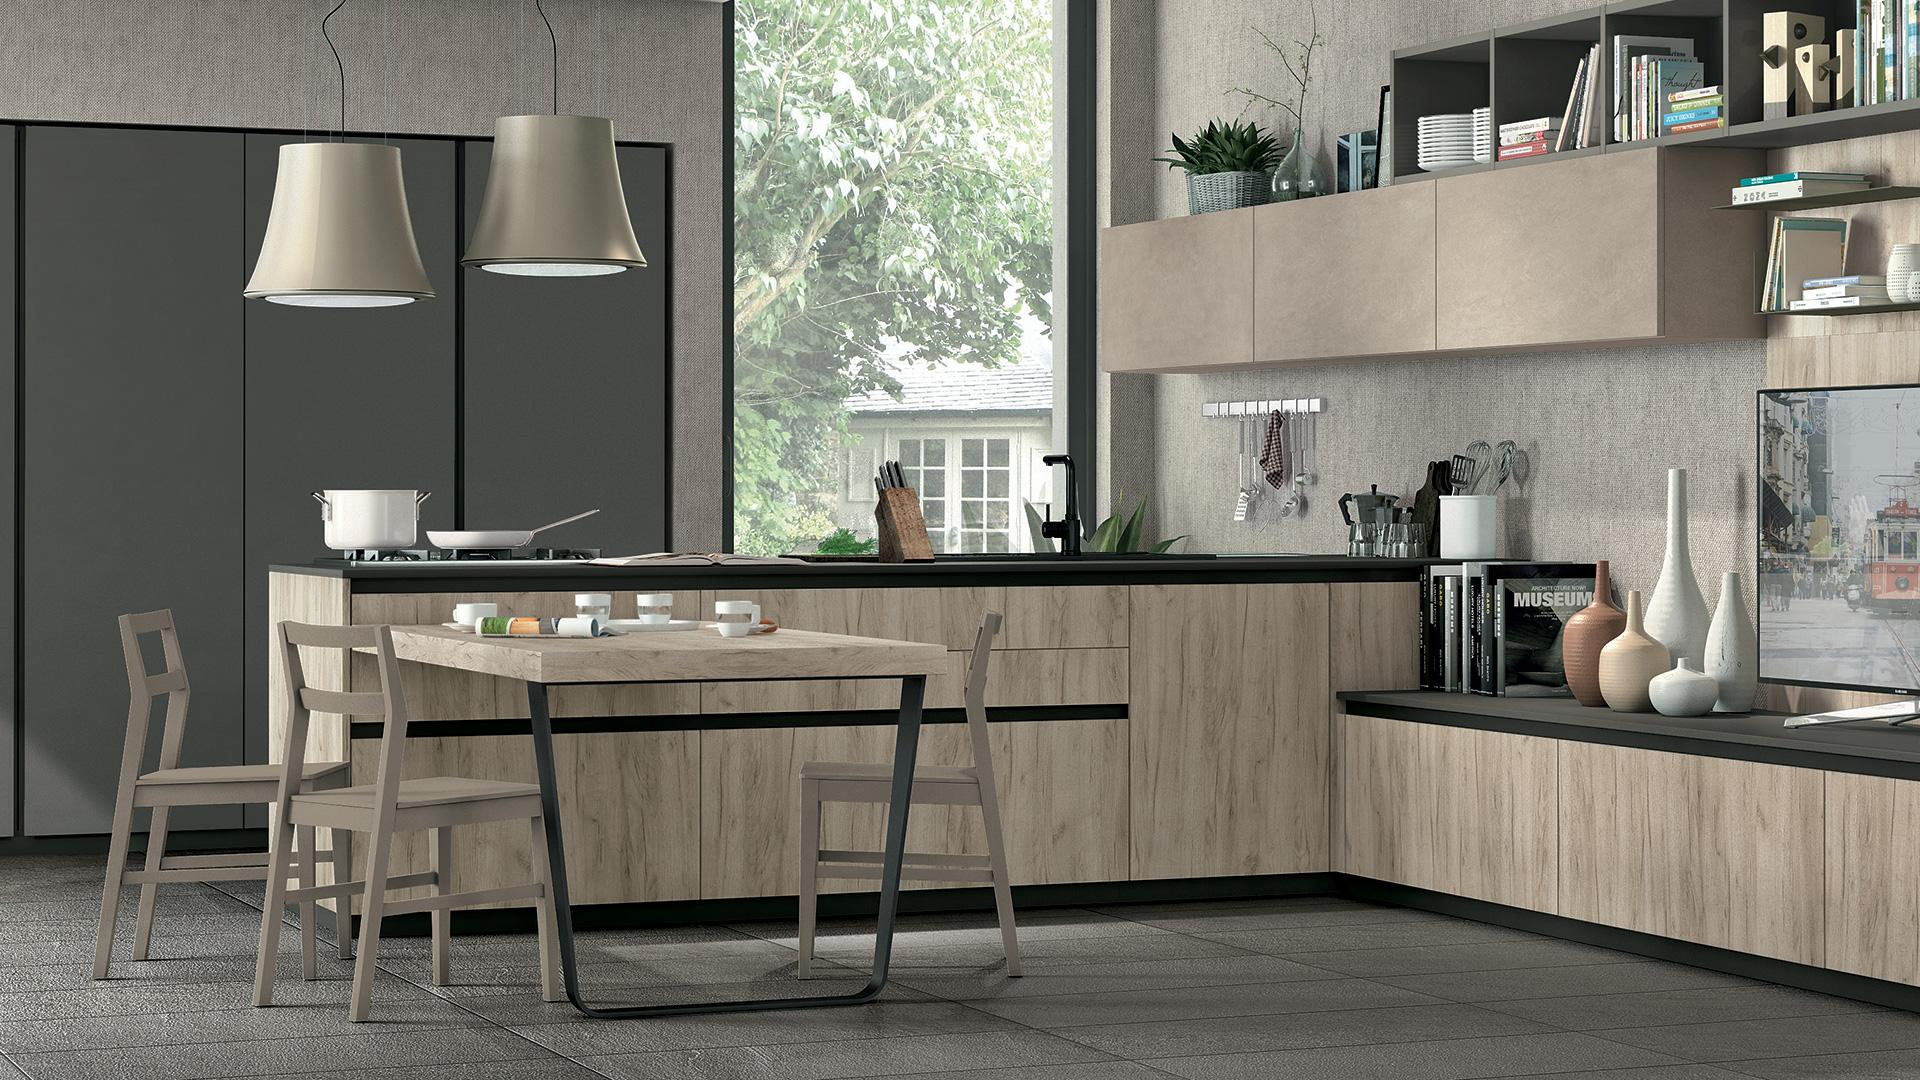 Le nuove cucine moderne lube store milano le cucine for Oggetti per cucina moderna